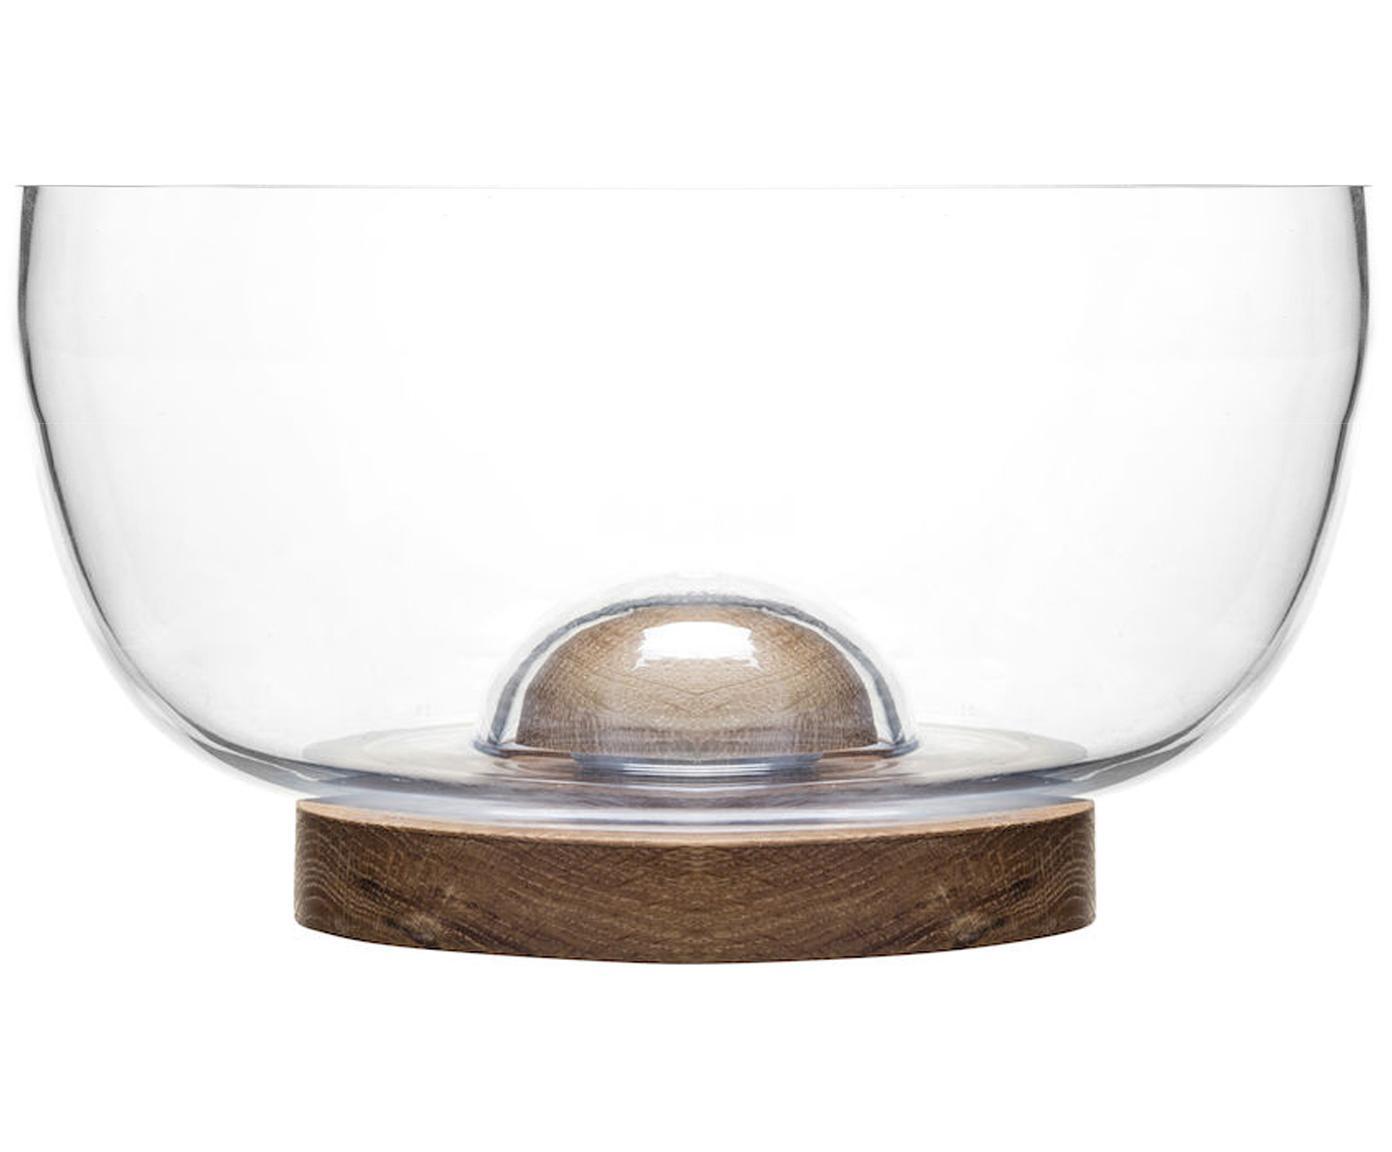 Insalatiera in vetro e legno di quercia Eden, Legno di quercia, vetro, Trasparente, legno di quercia, Ø 18 x Alt. 10 cm